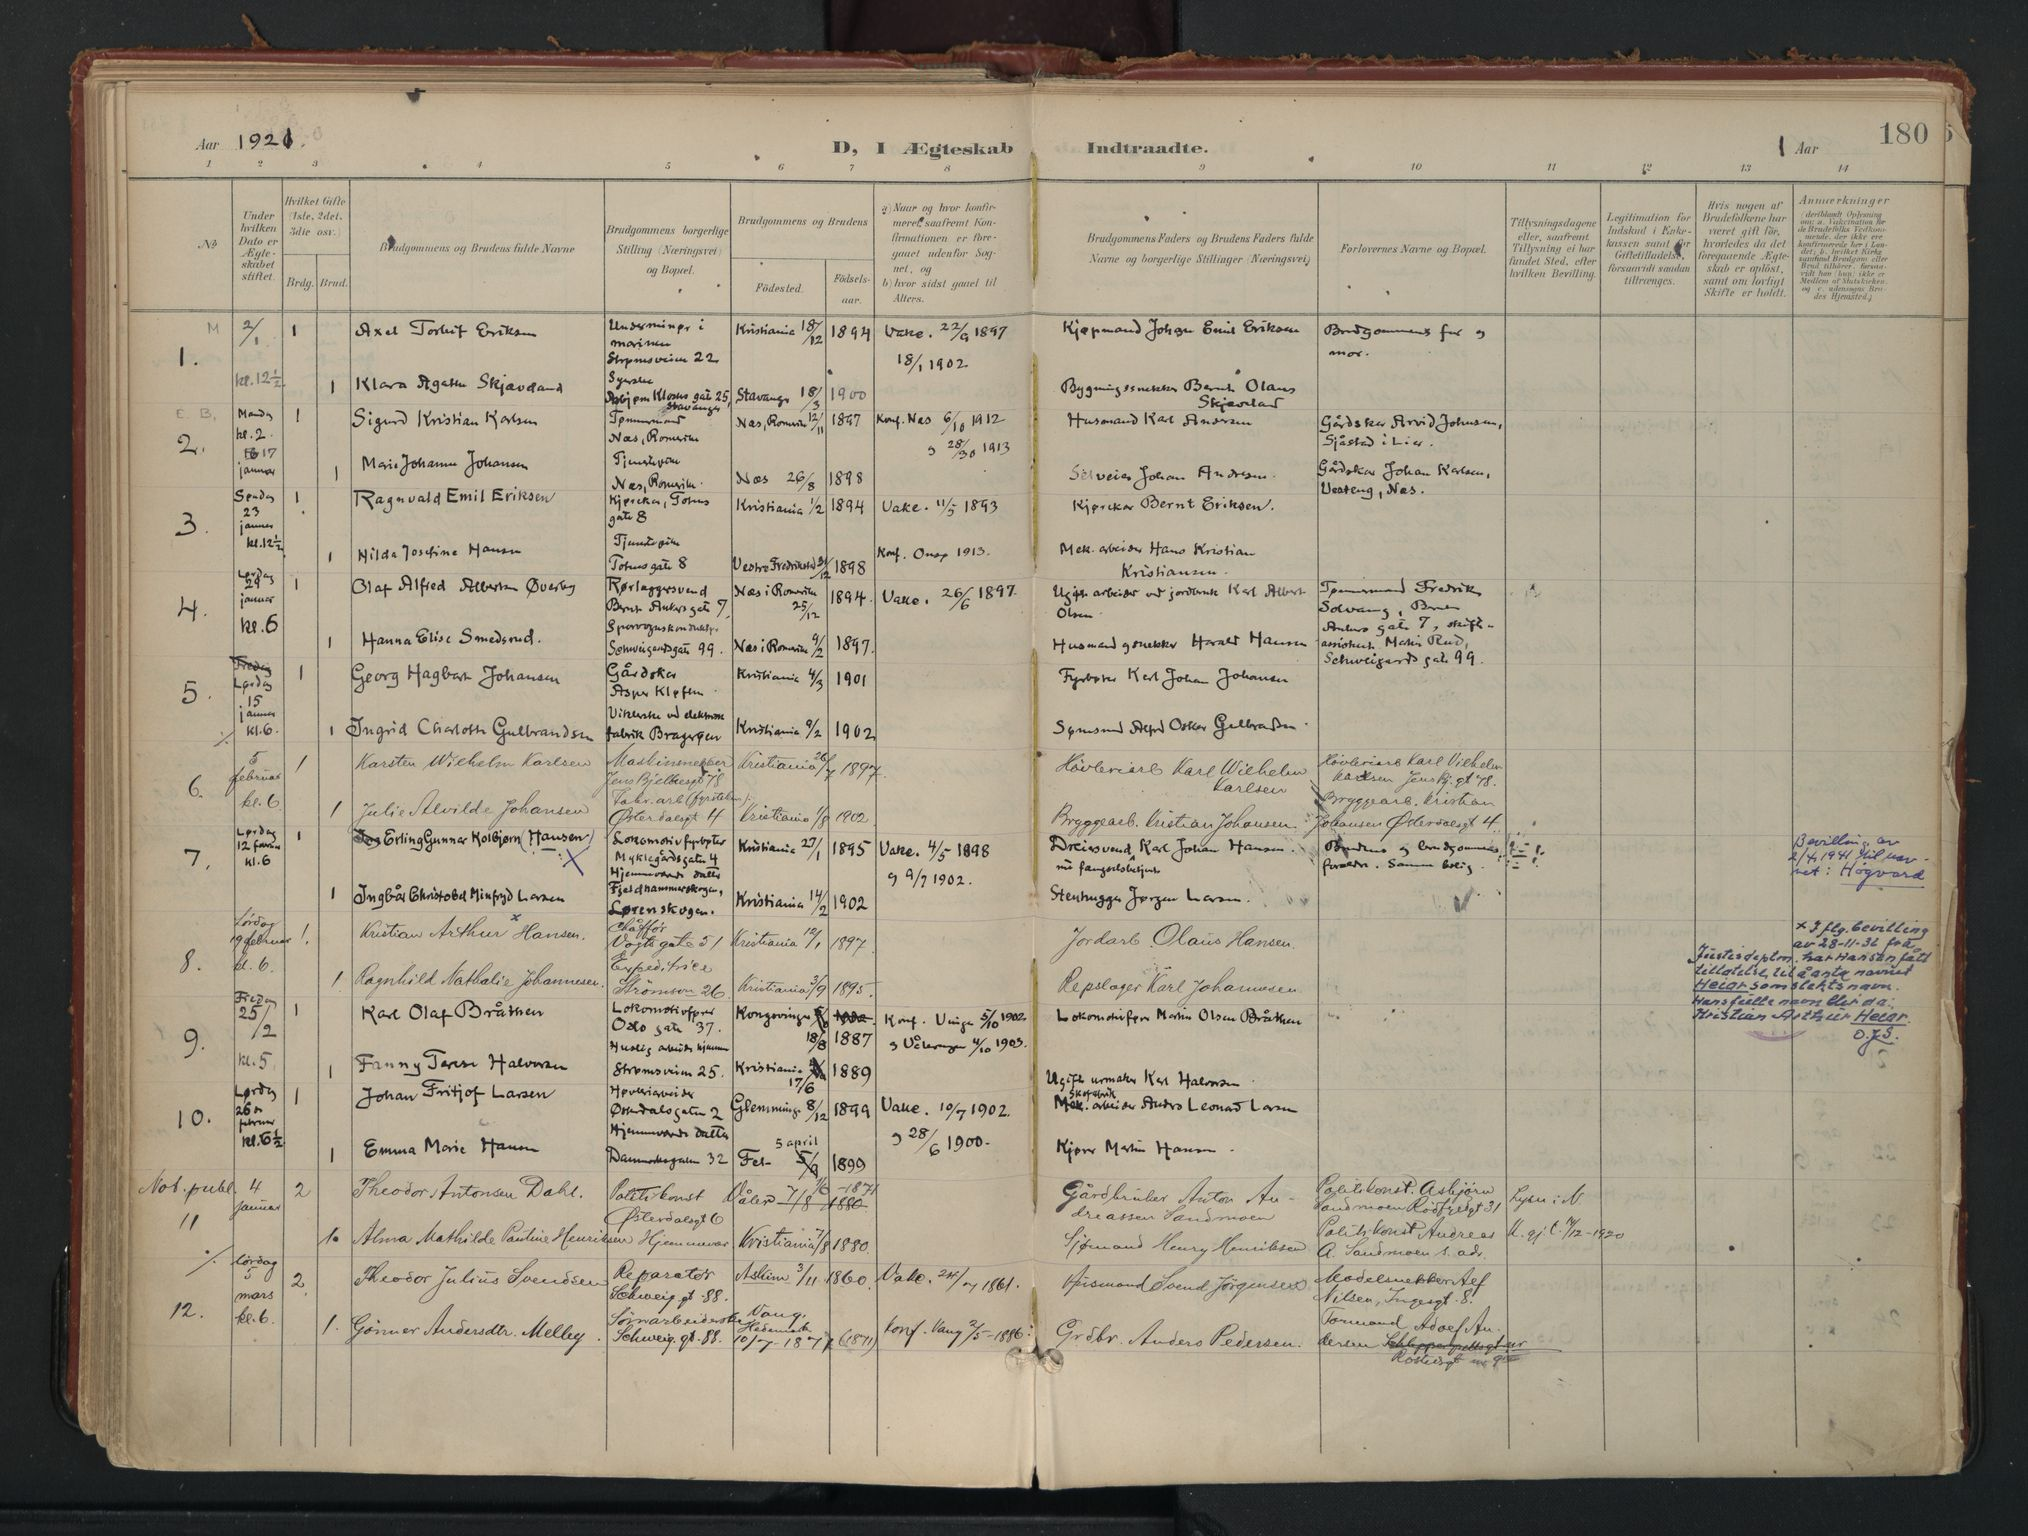 SAO, Vålerengen prestekontor Kirkebøker, F/Fa/L0002: Ministerialbok nr. 2, 1899-1924, s. 180